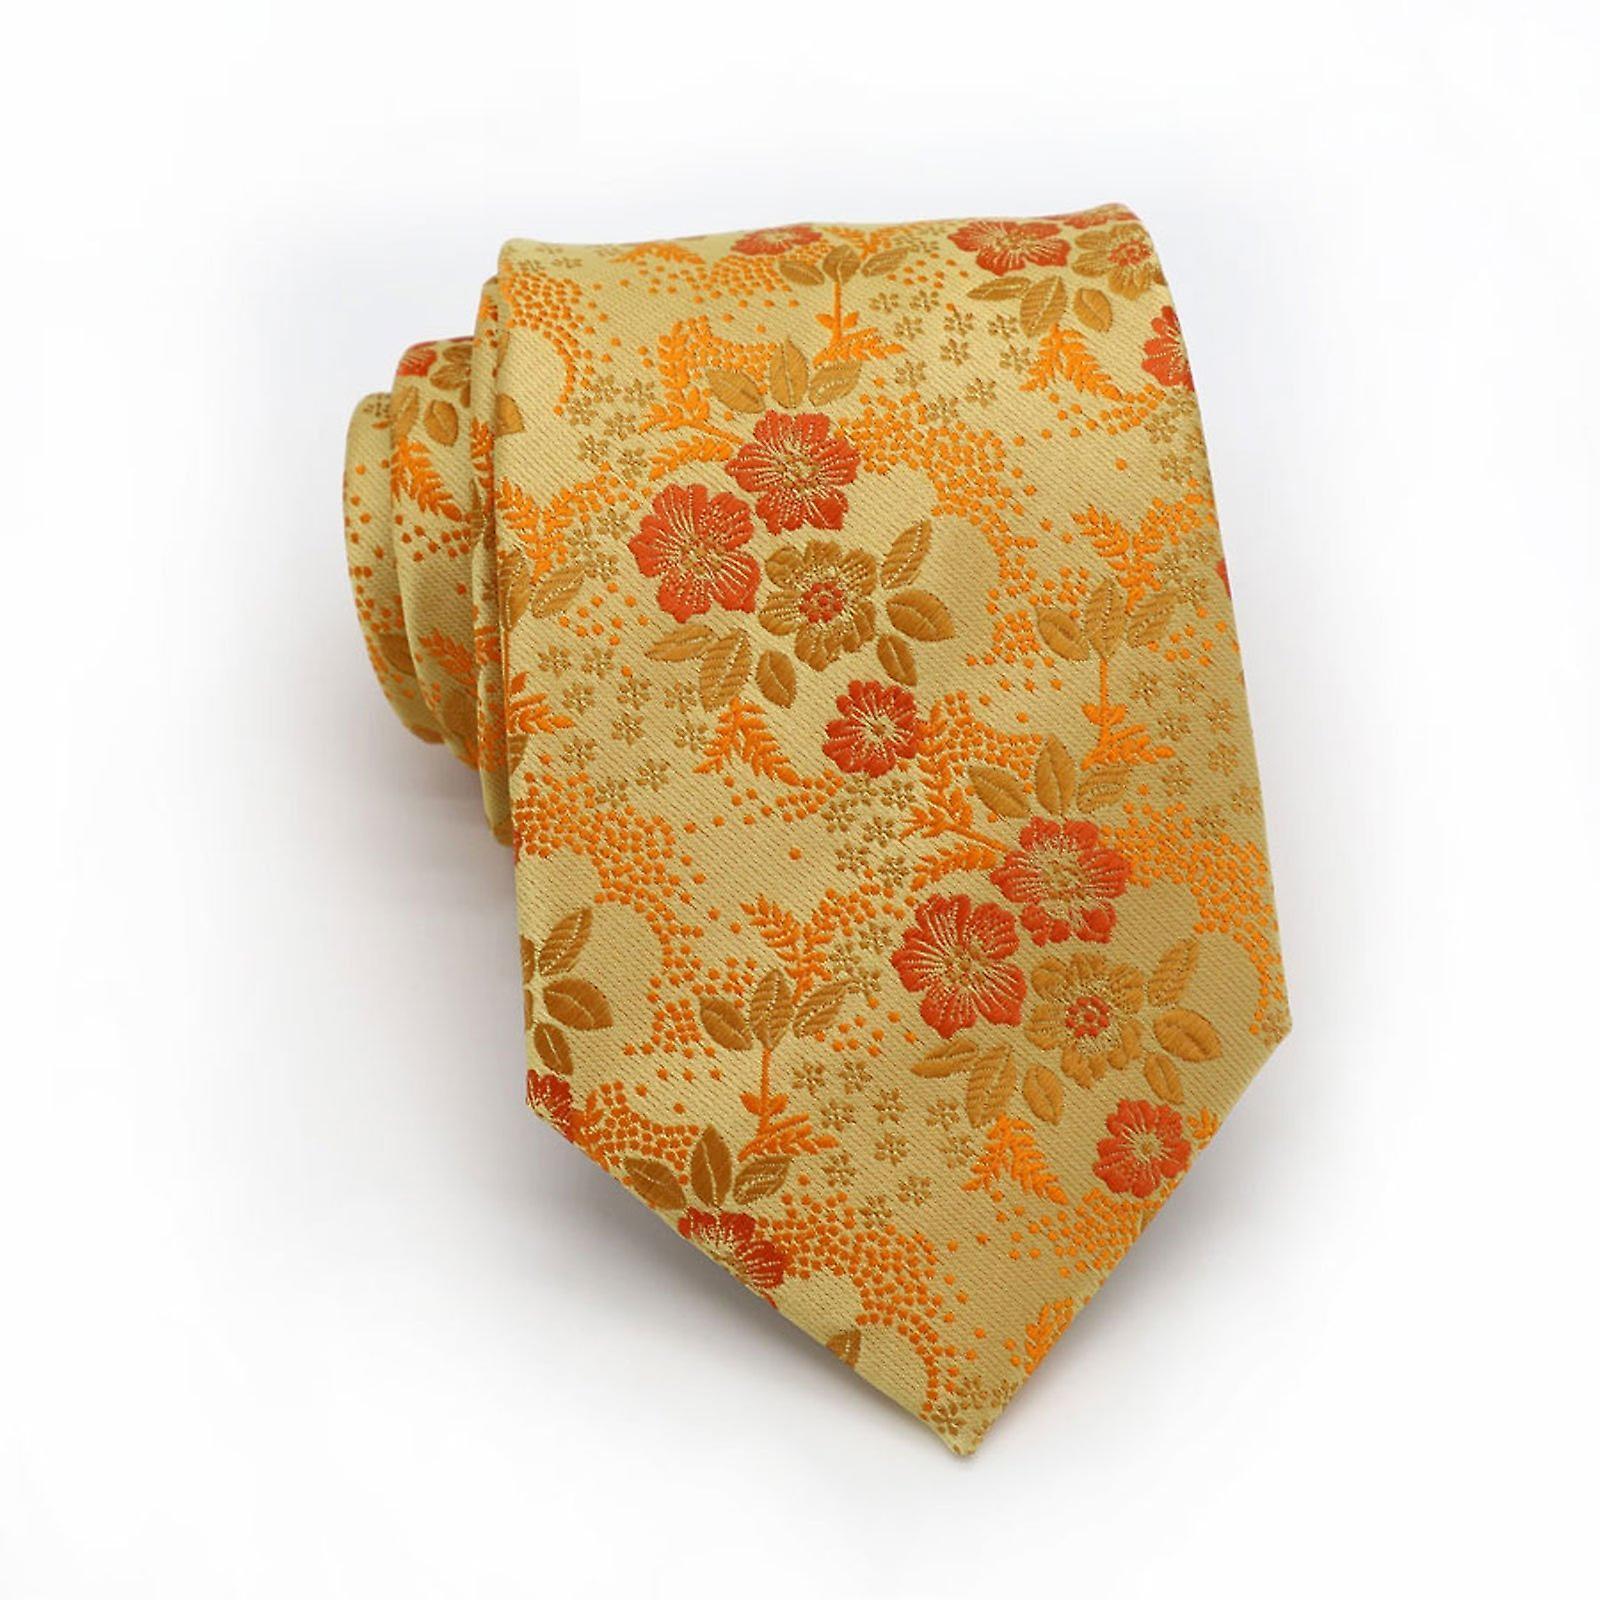 Orange & red wedding floral tie & pocket square set